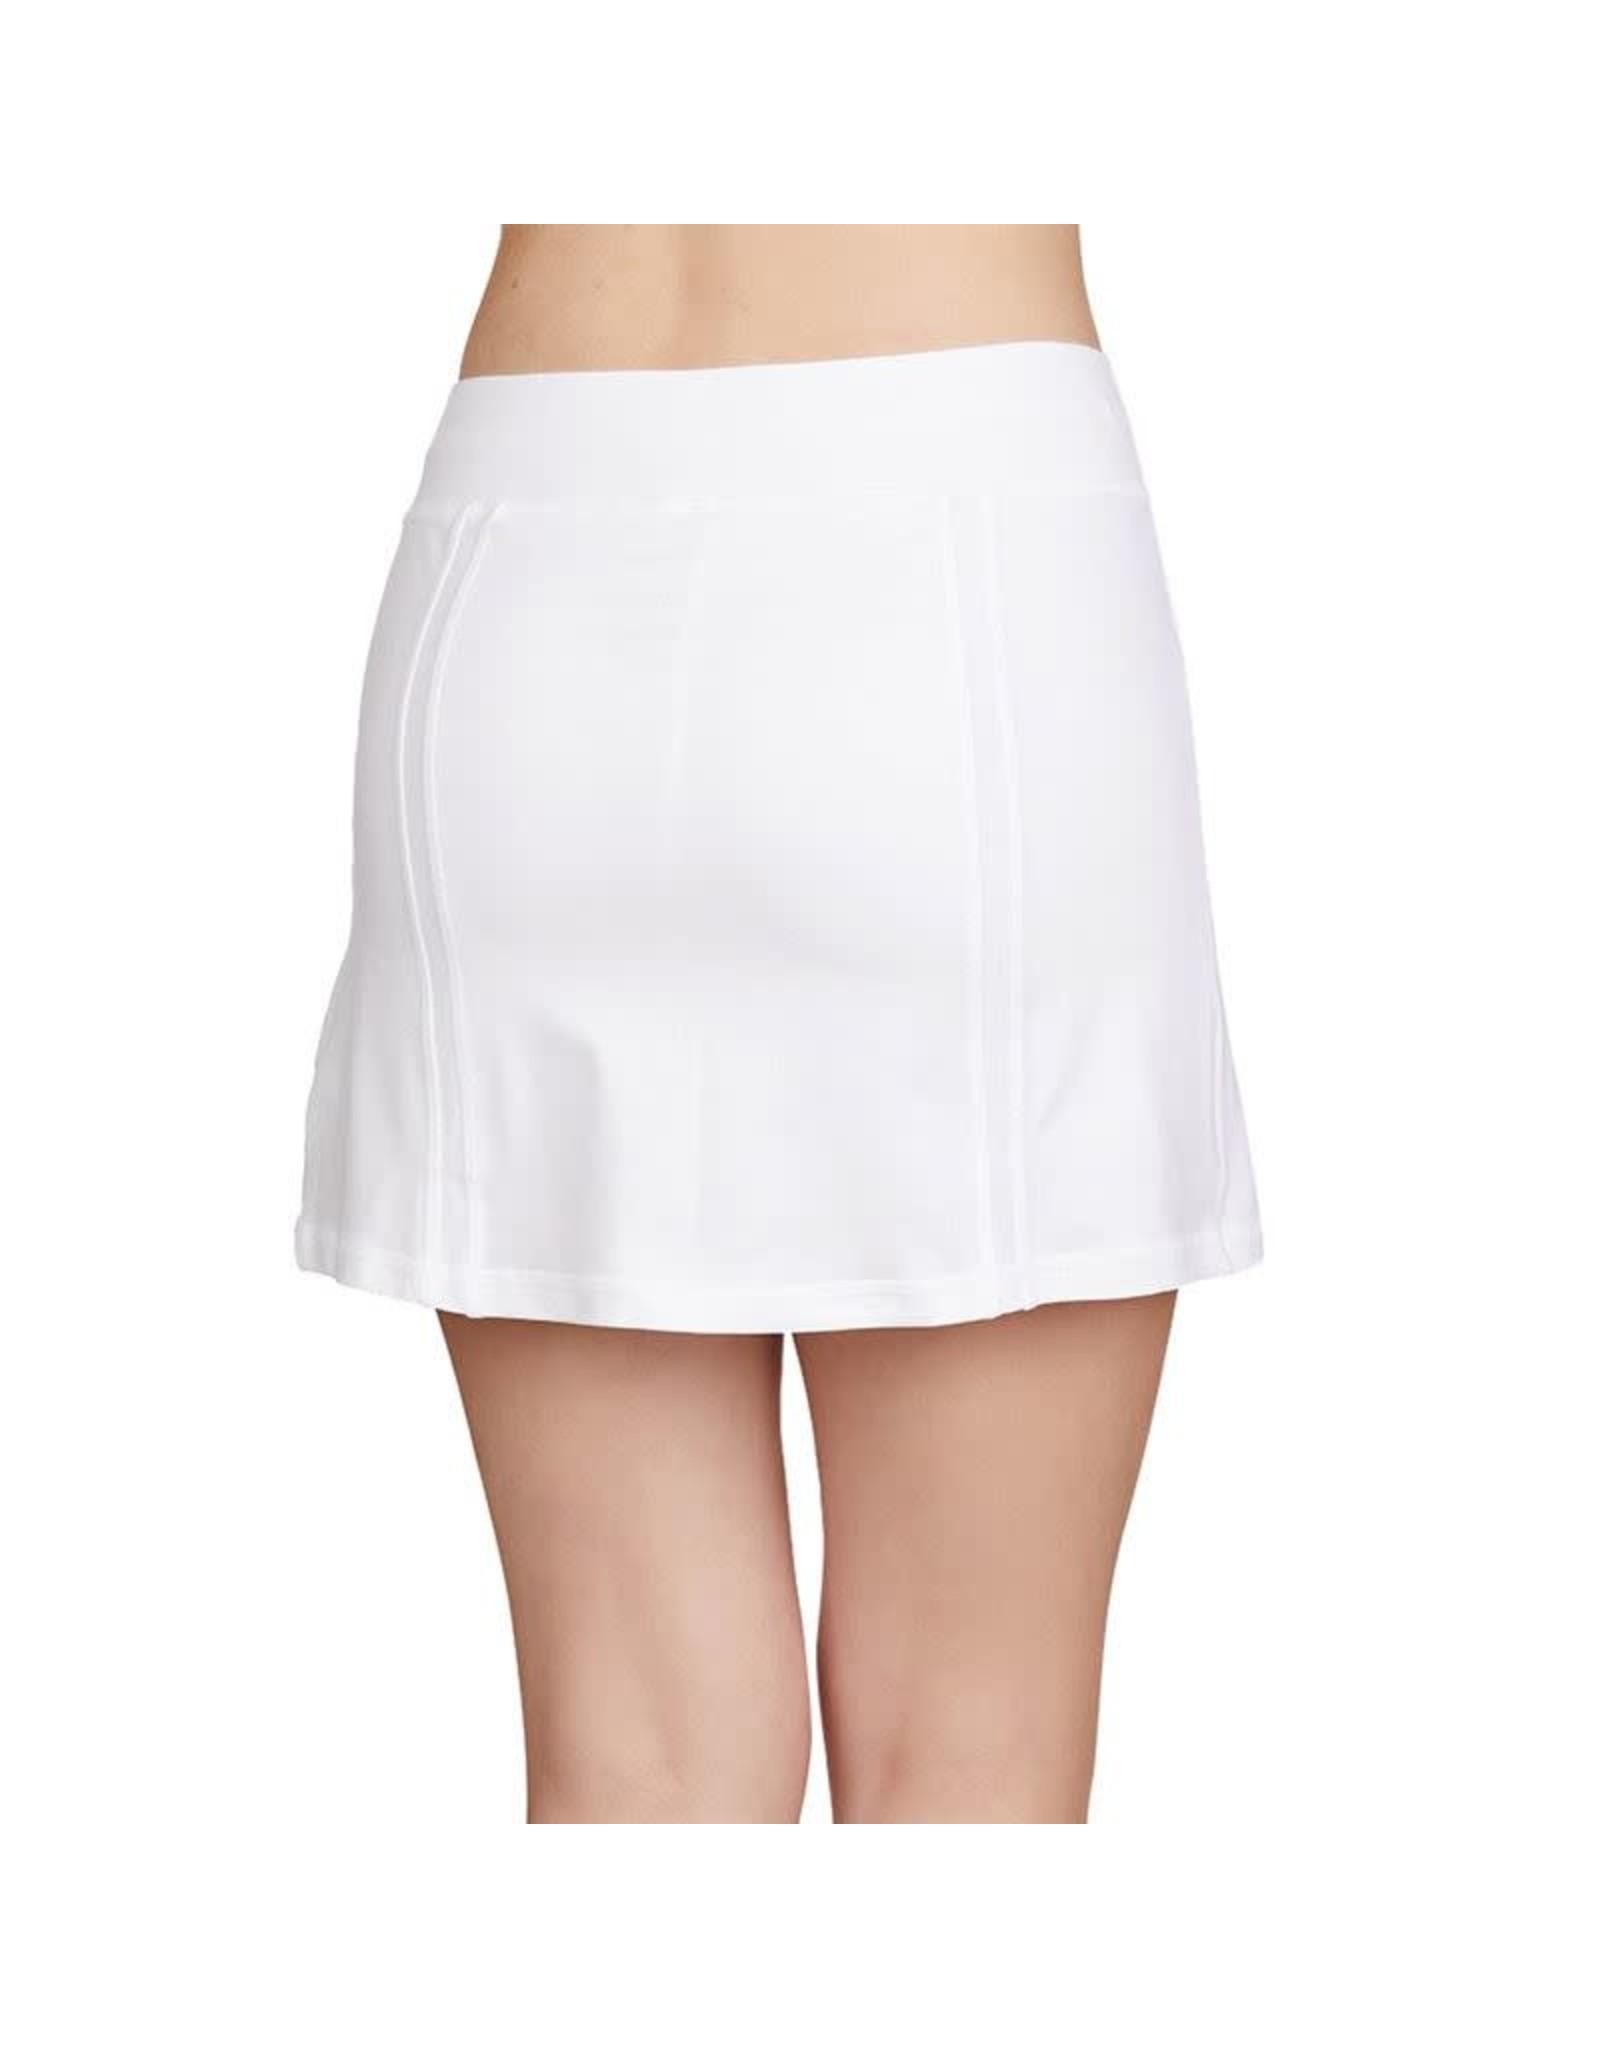 Sofibella Club Lux 15 inch Skirt